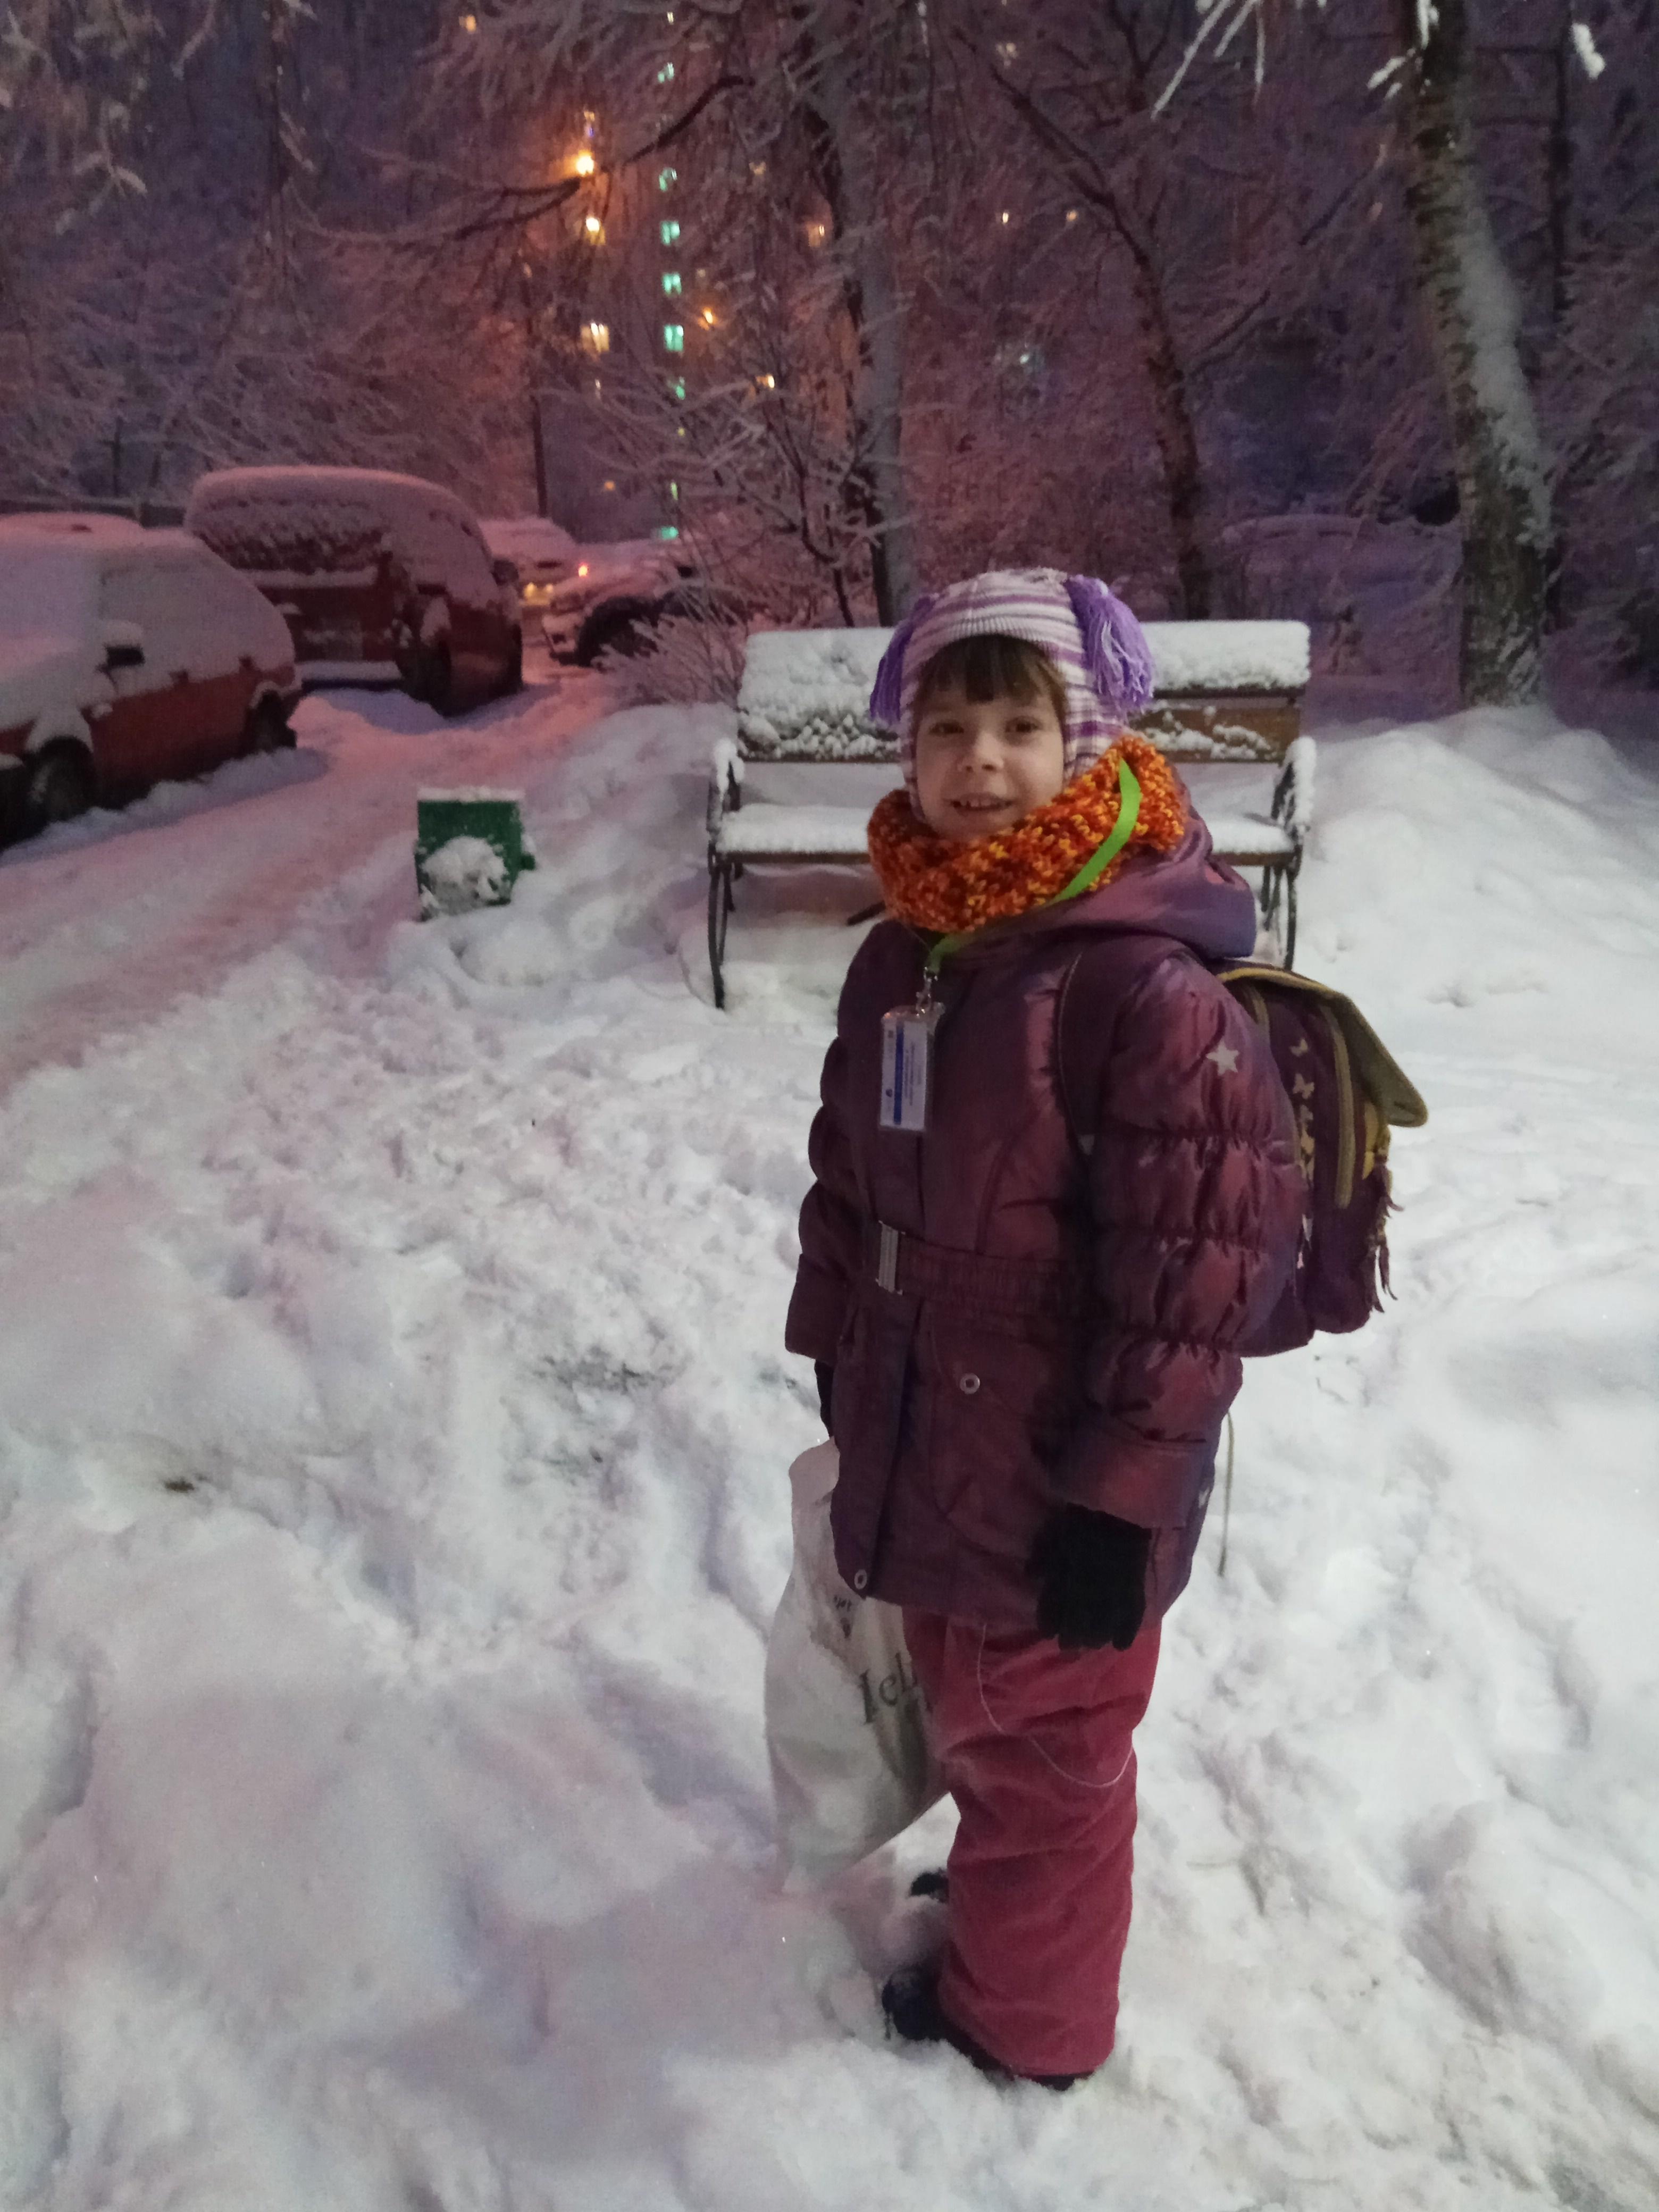 детская радость - после супер-снегопада в Москве. Зимний образ